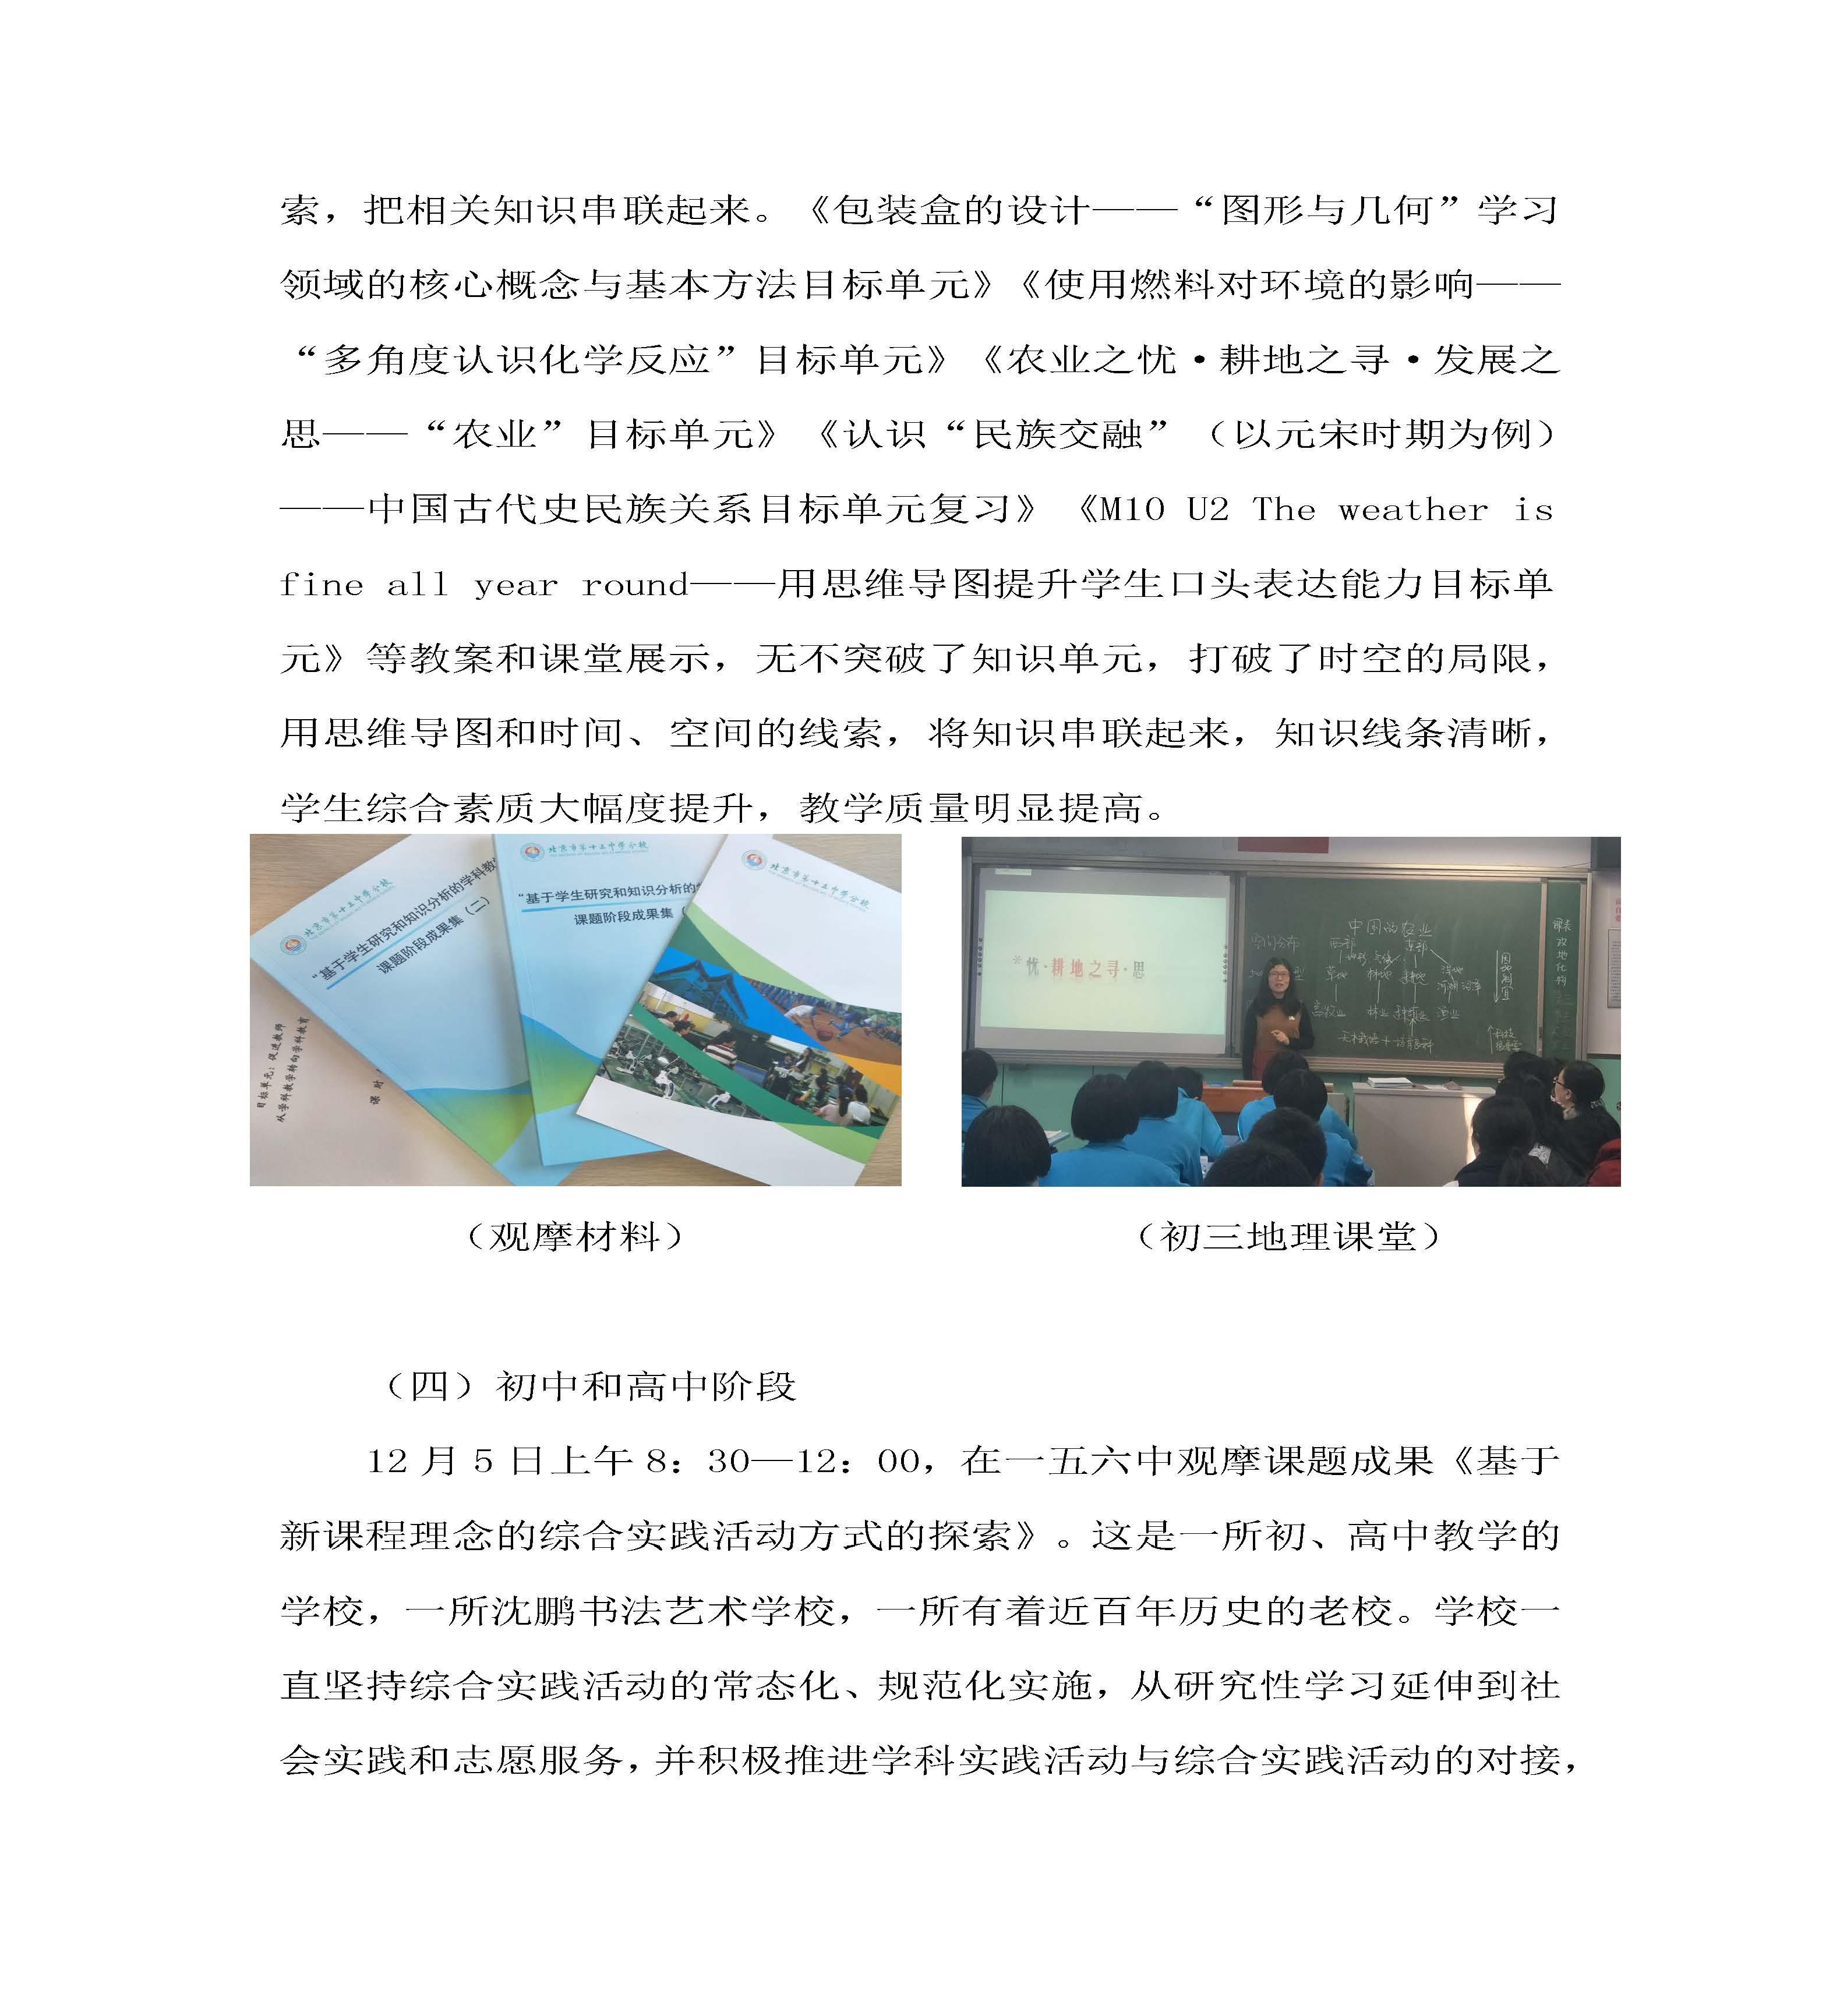 观摩2017北京市西城区科研月活动汇报材料(温俊芳12.12)_页面_6.jpg